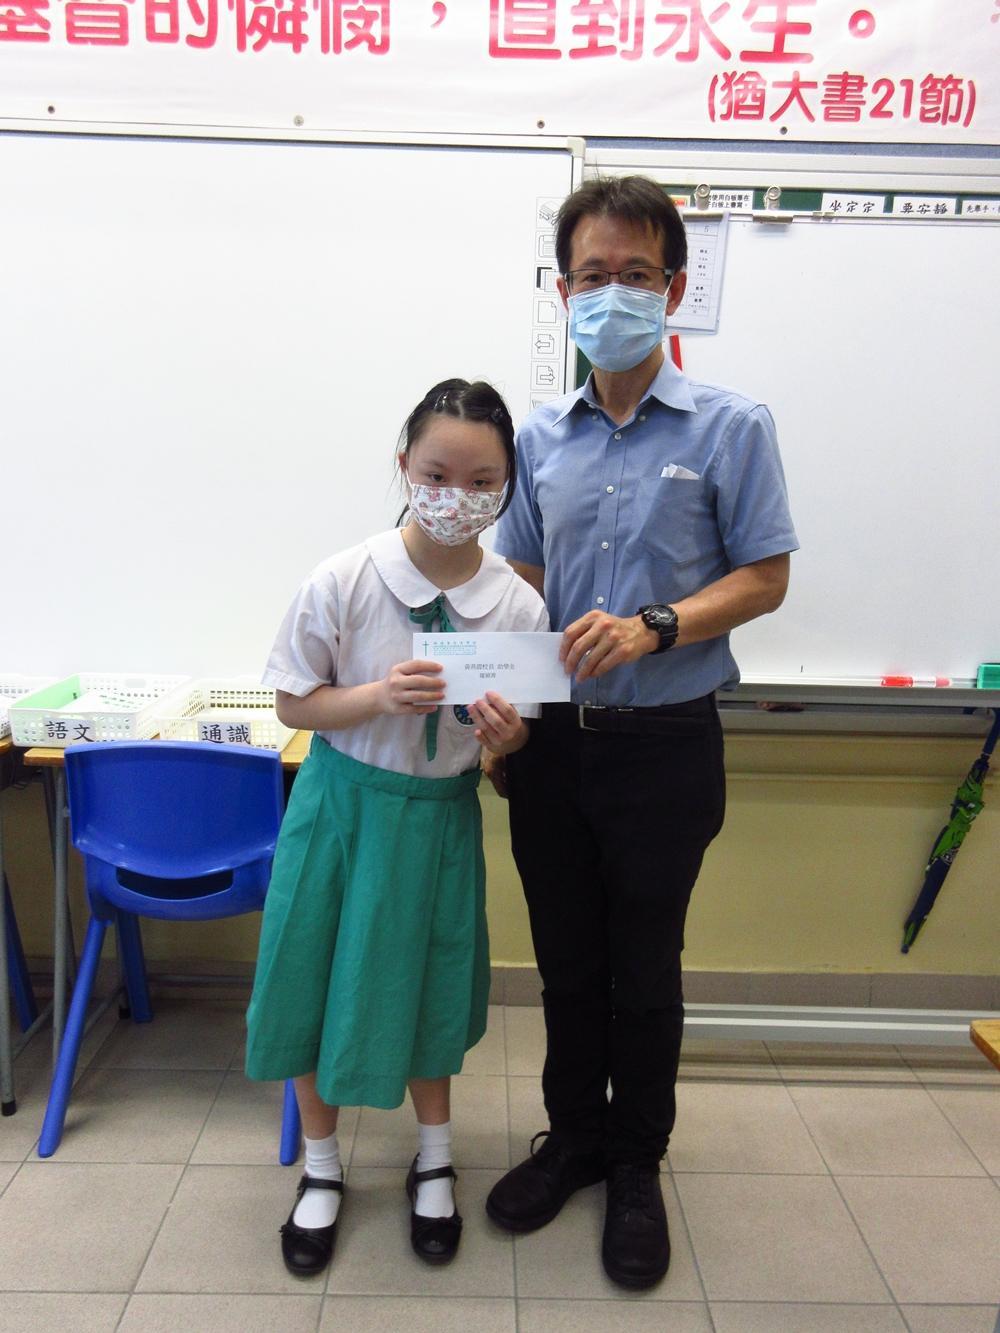 https://www.sls.edu.hk/sites/default/files/04_200622_009.jpg